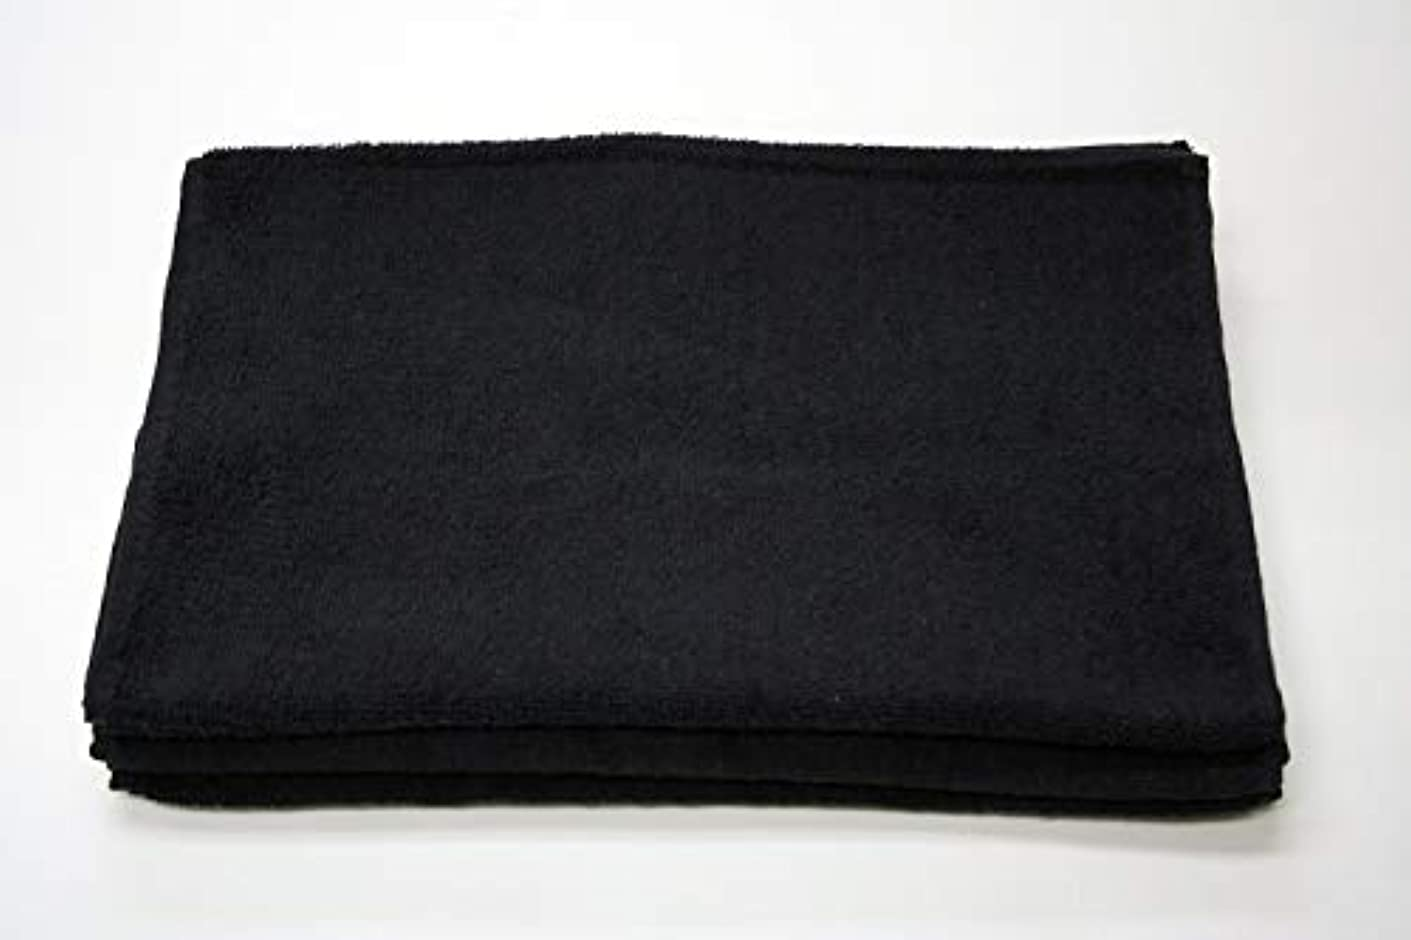 テレックス腐敗したフライカイトスーパータオル New ブリーチフリー 210匁 【1枚】(ブラック)